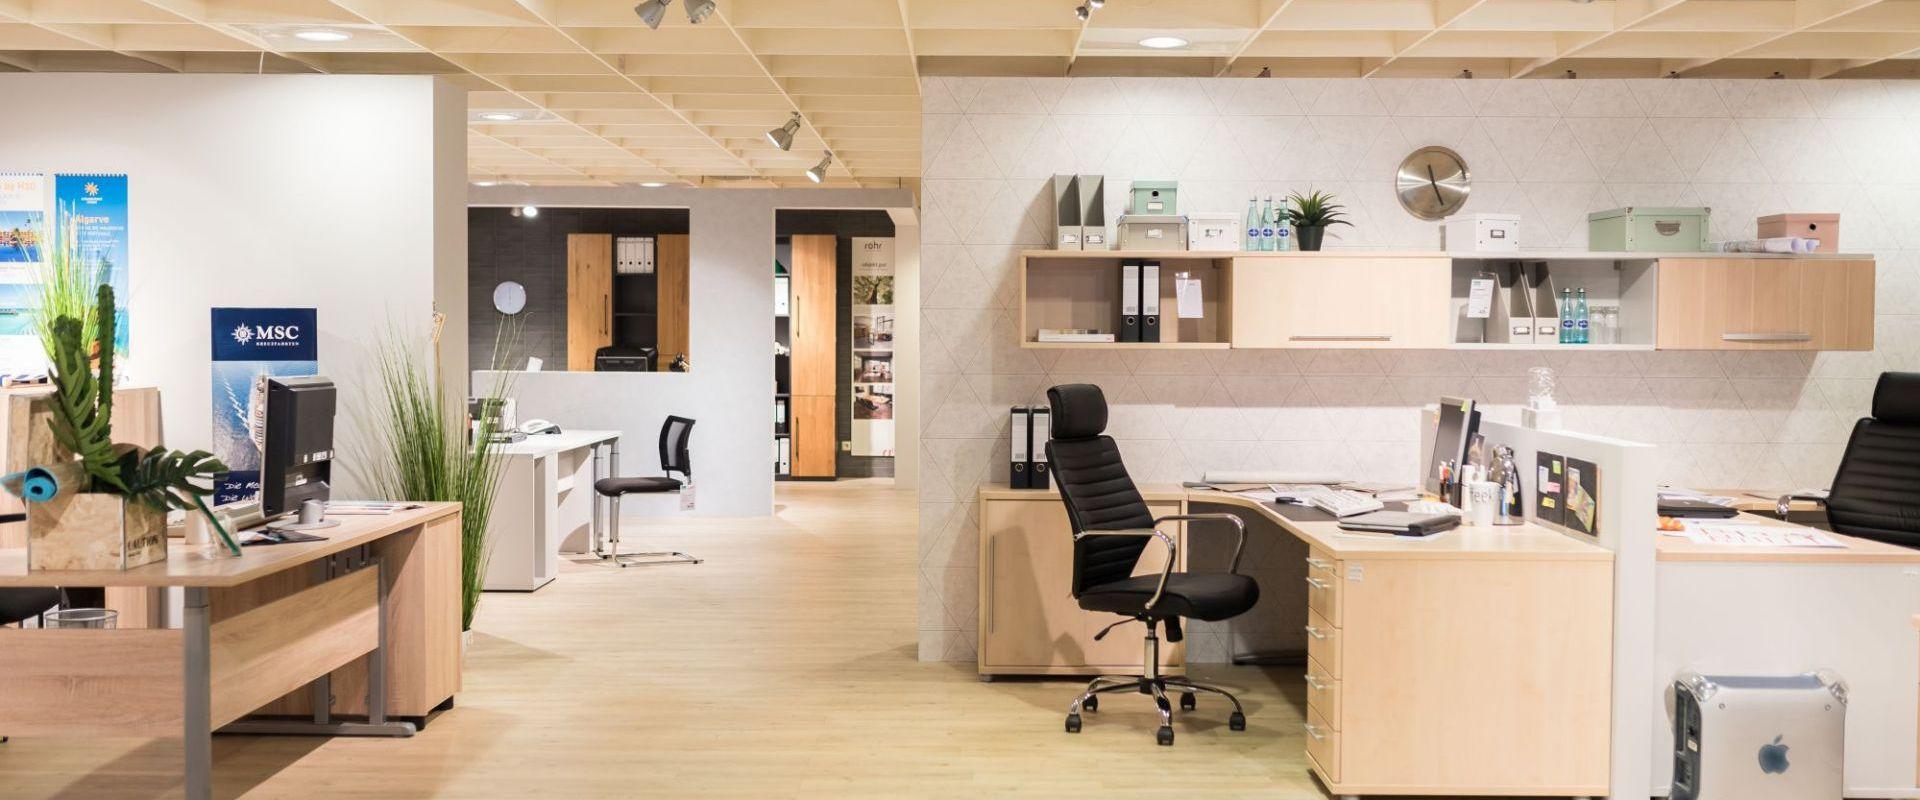 m bel f rs arbeitszimmer in obernburg. Black Bedroom Furniture Sets. Home Design Ideas